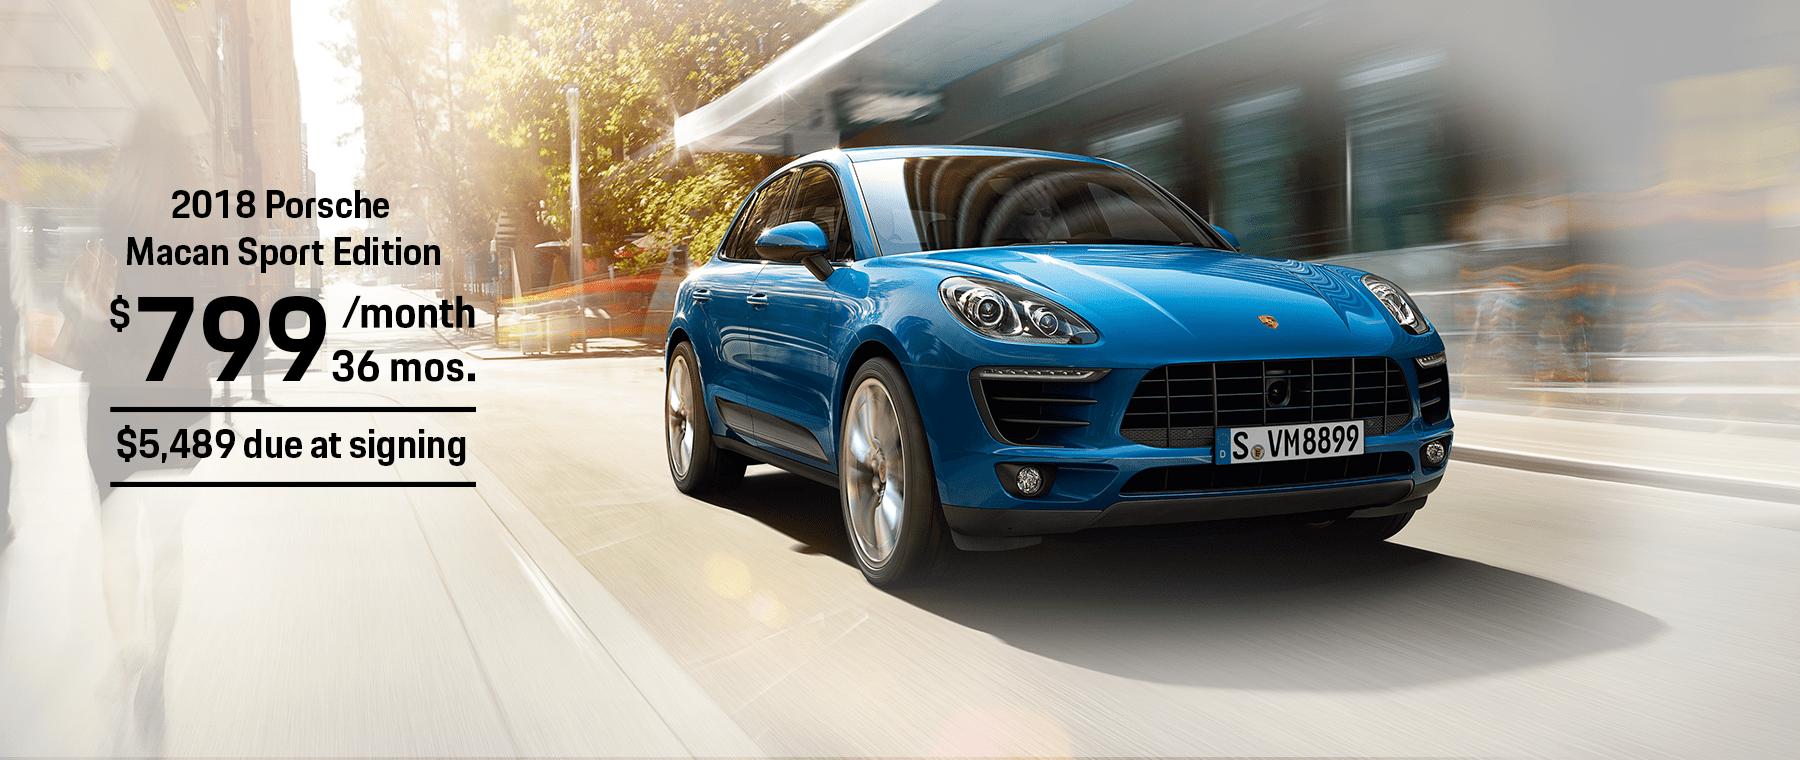 Porsche Macan Sport Edition Lease Offer